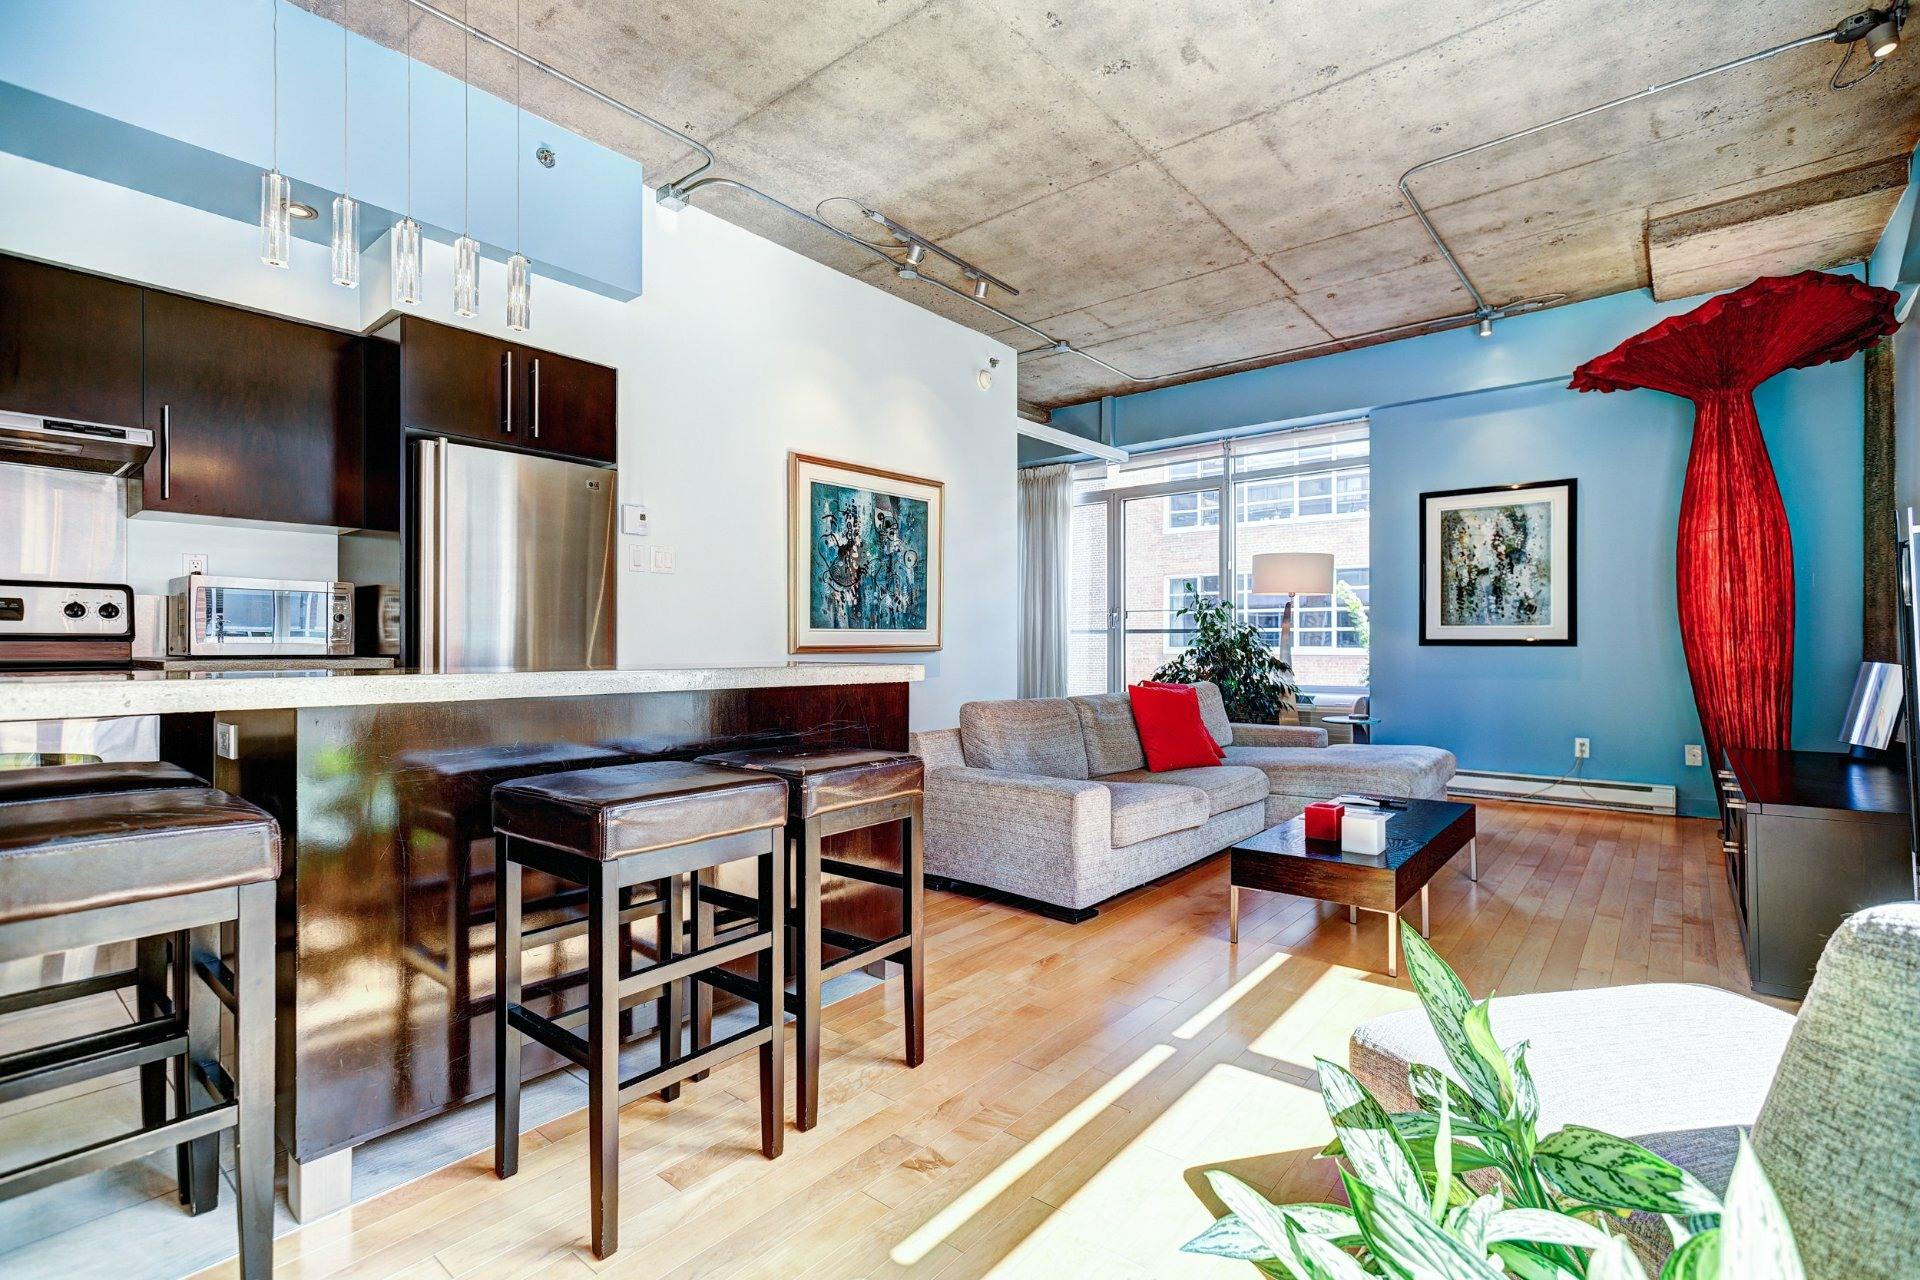 image 18 - Appartement À louer Villeray/Saint-Michel/Parc-Extension Montréal  - 8 pièces